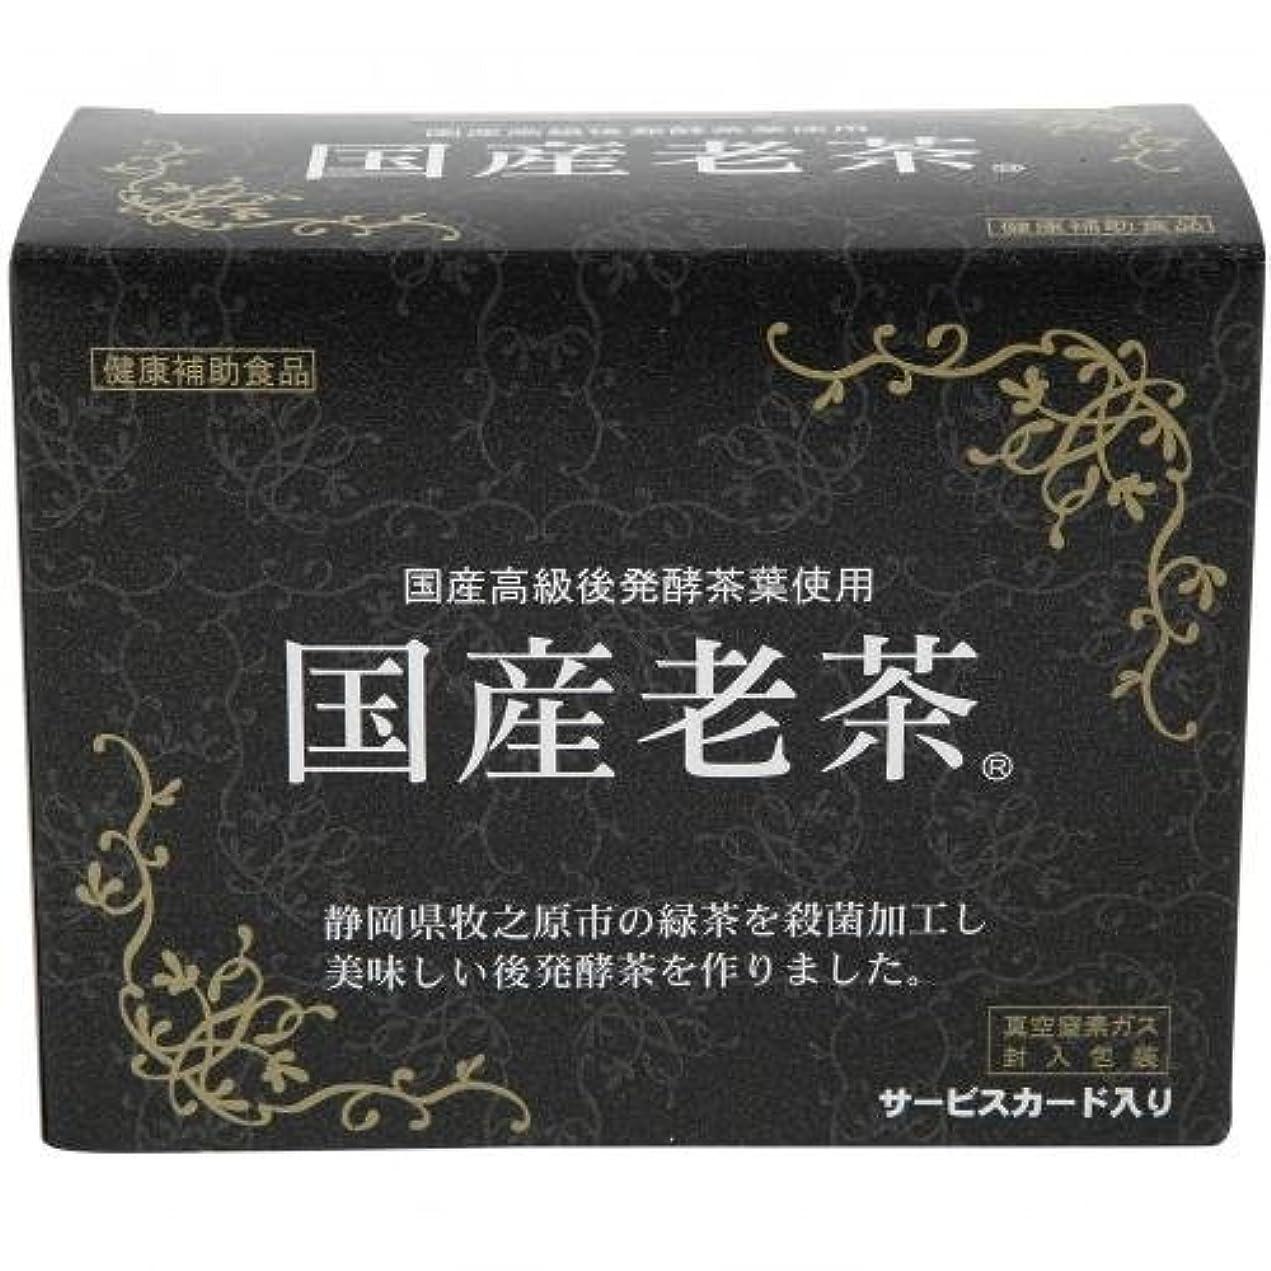 共栄 国産老茶 24包